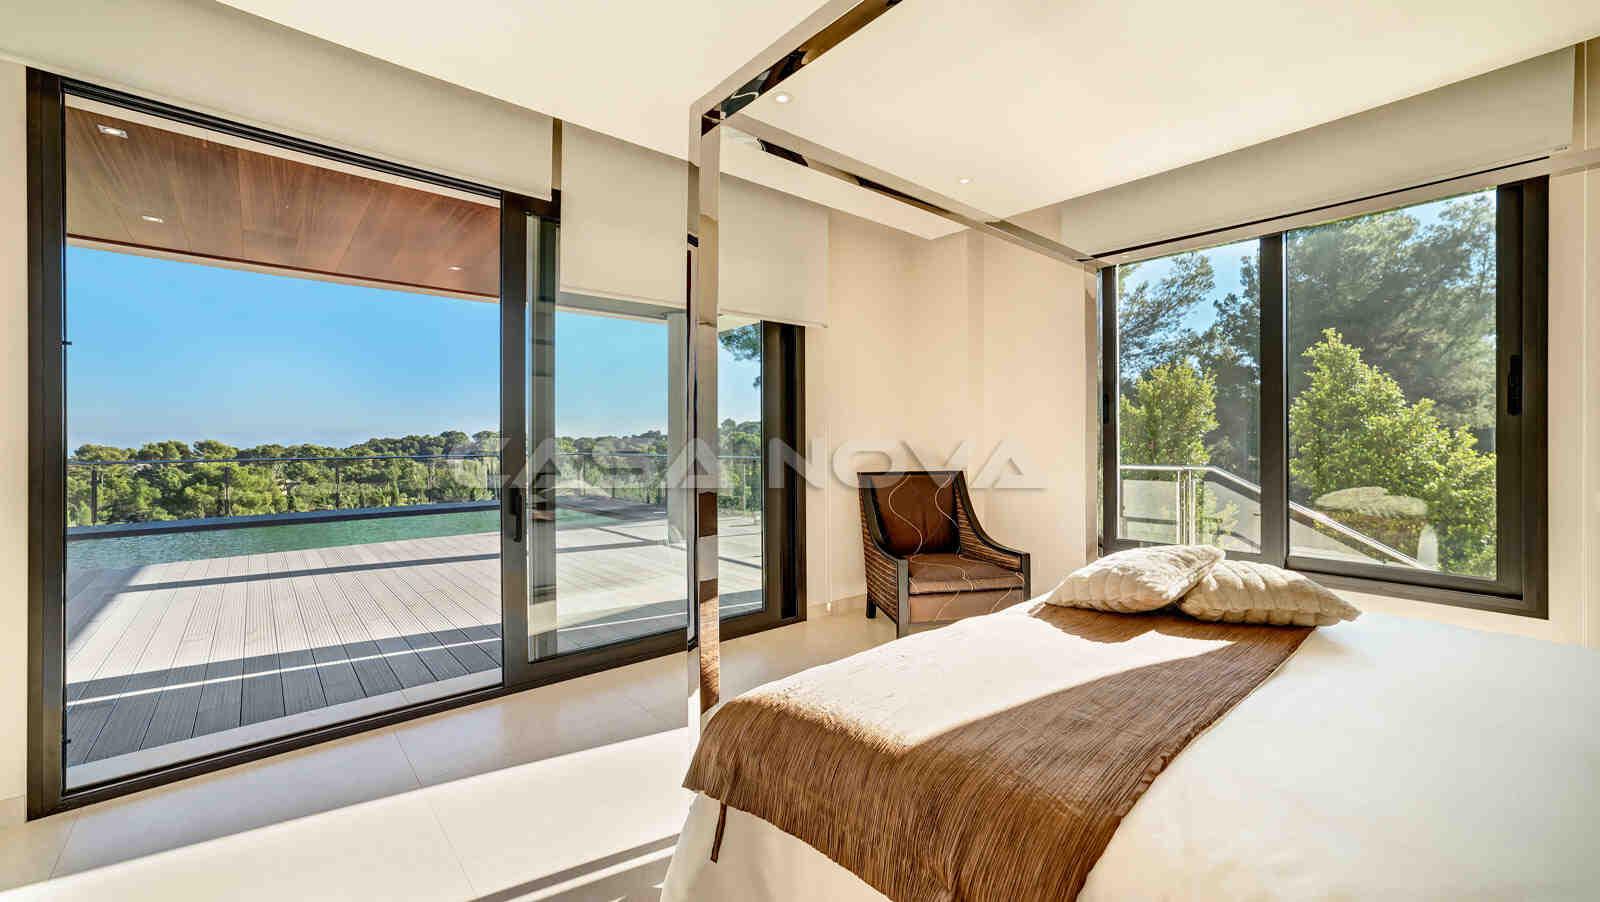 Traumhafter Blick vom Schlafzimmer auf den Pool und die herrliche Umgebung